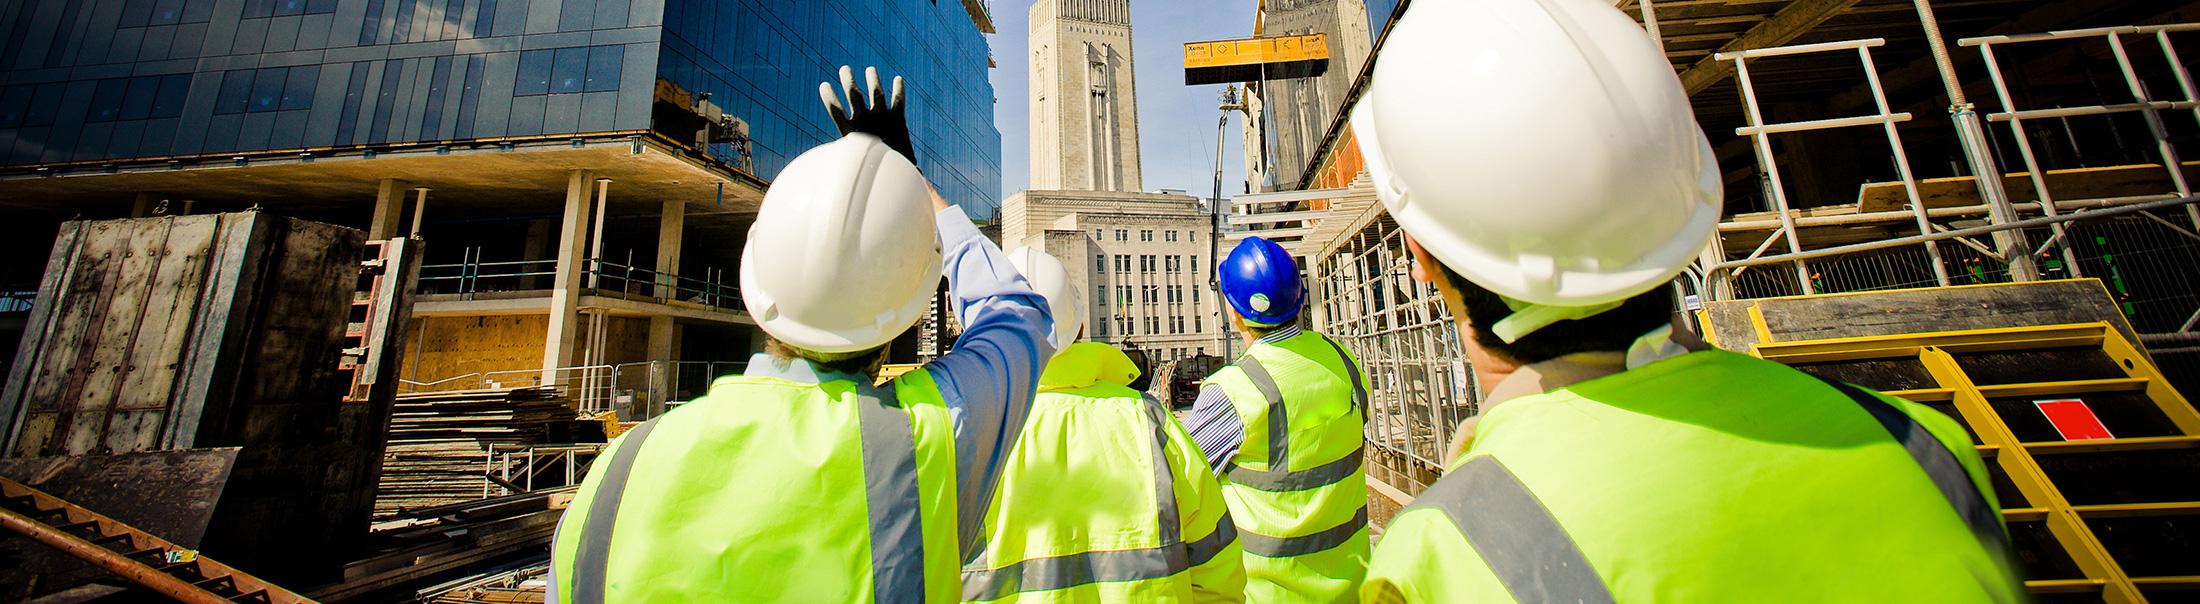 Bộ đàm cho công trình xây dựng